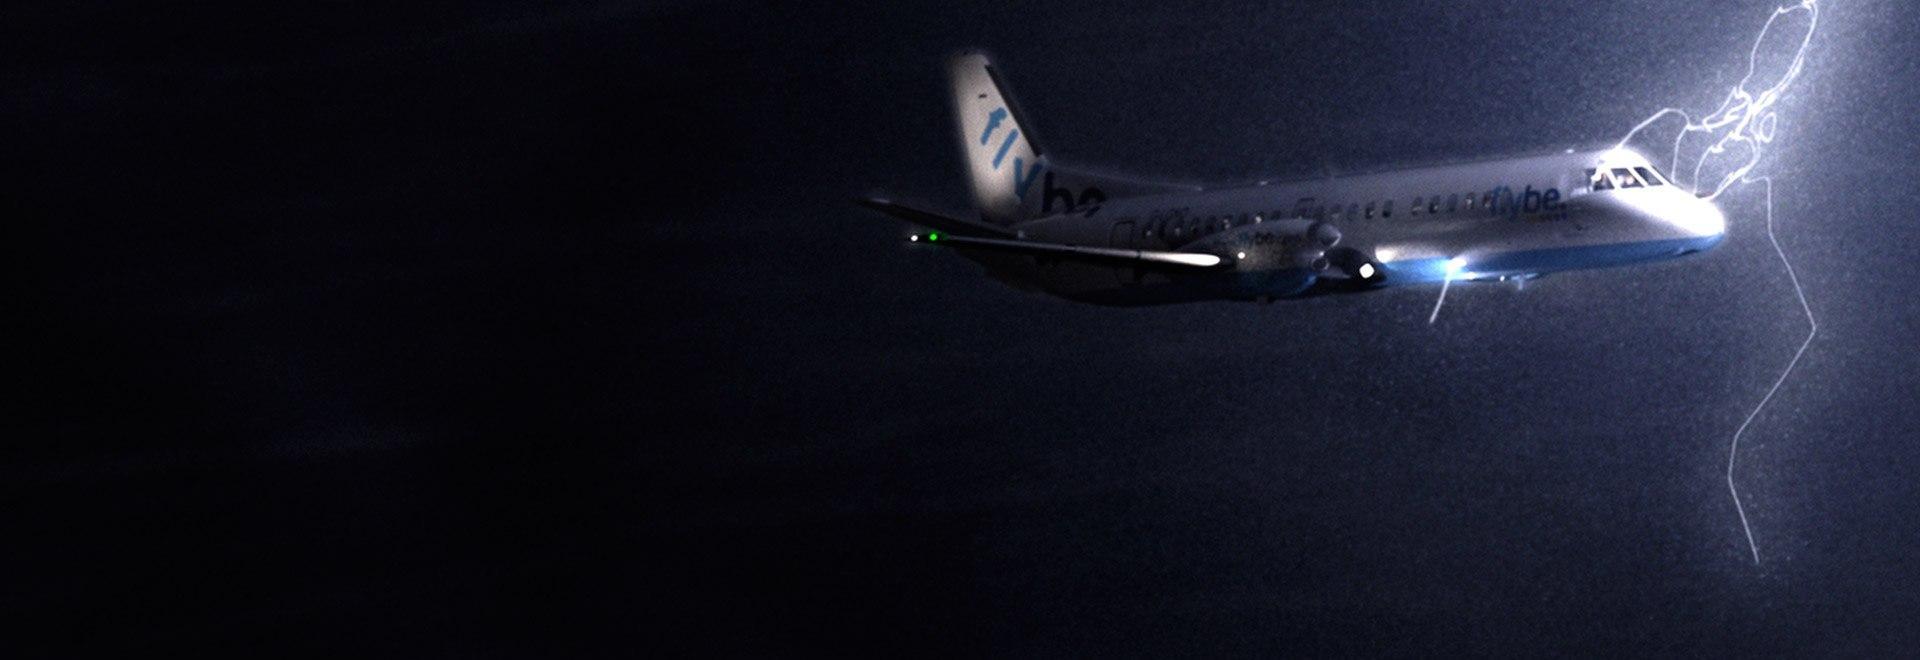 Il Boeing Max 8